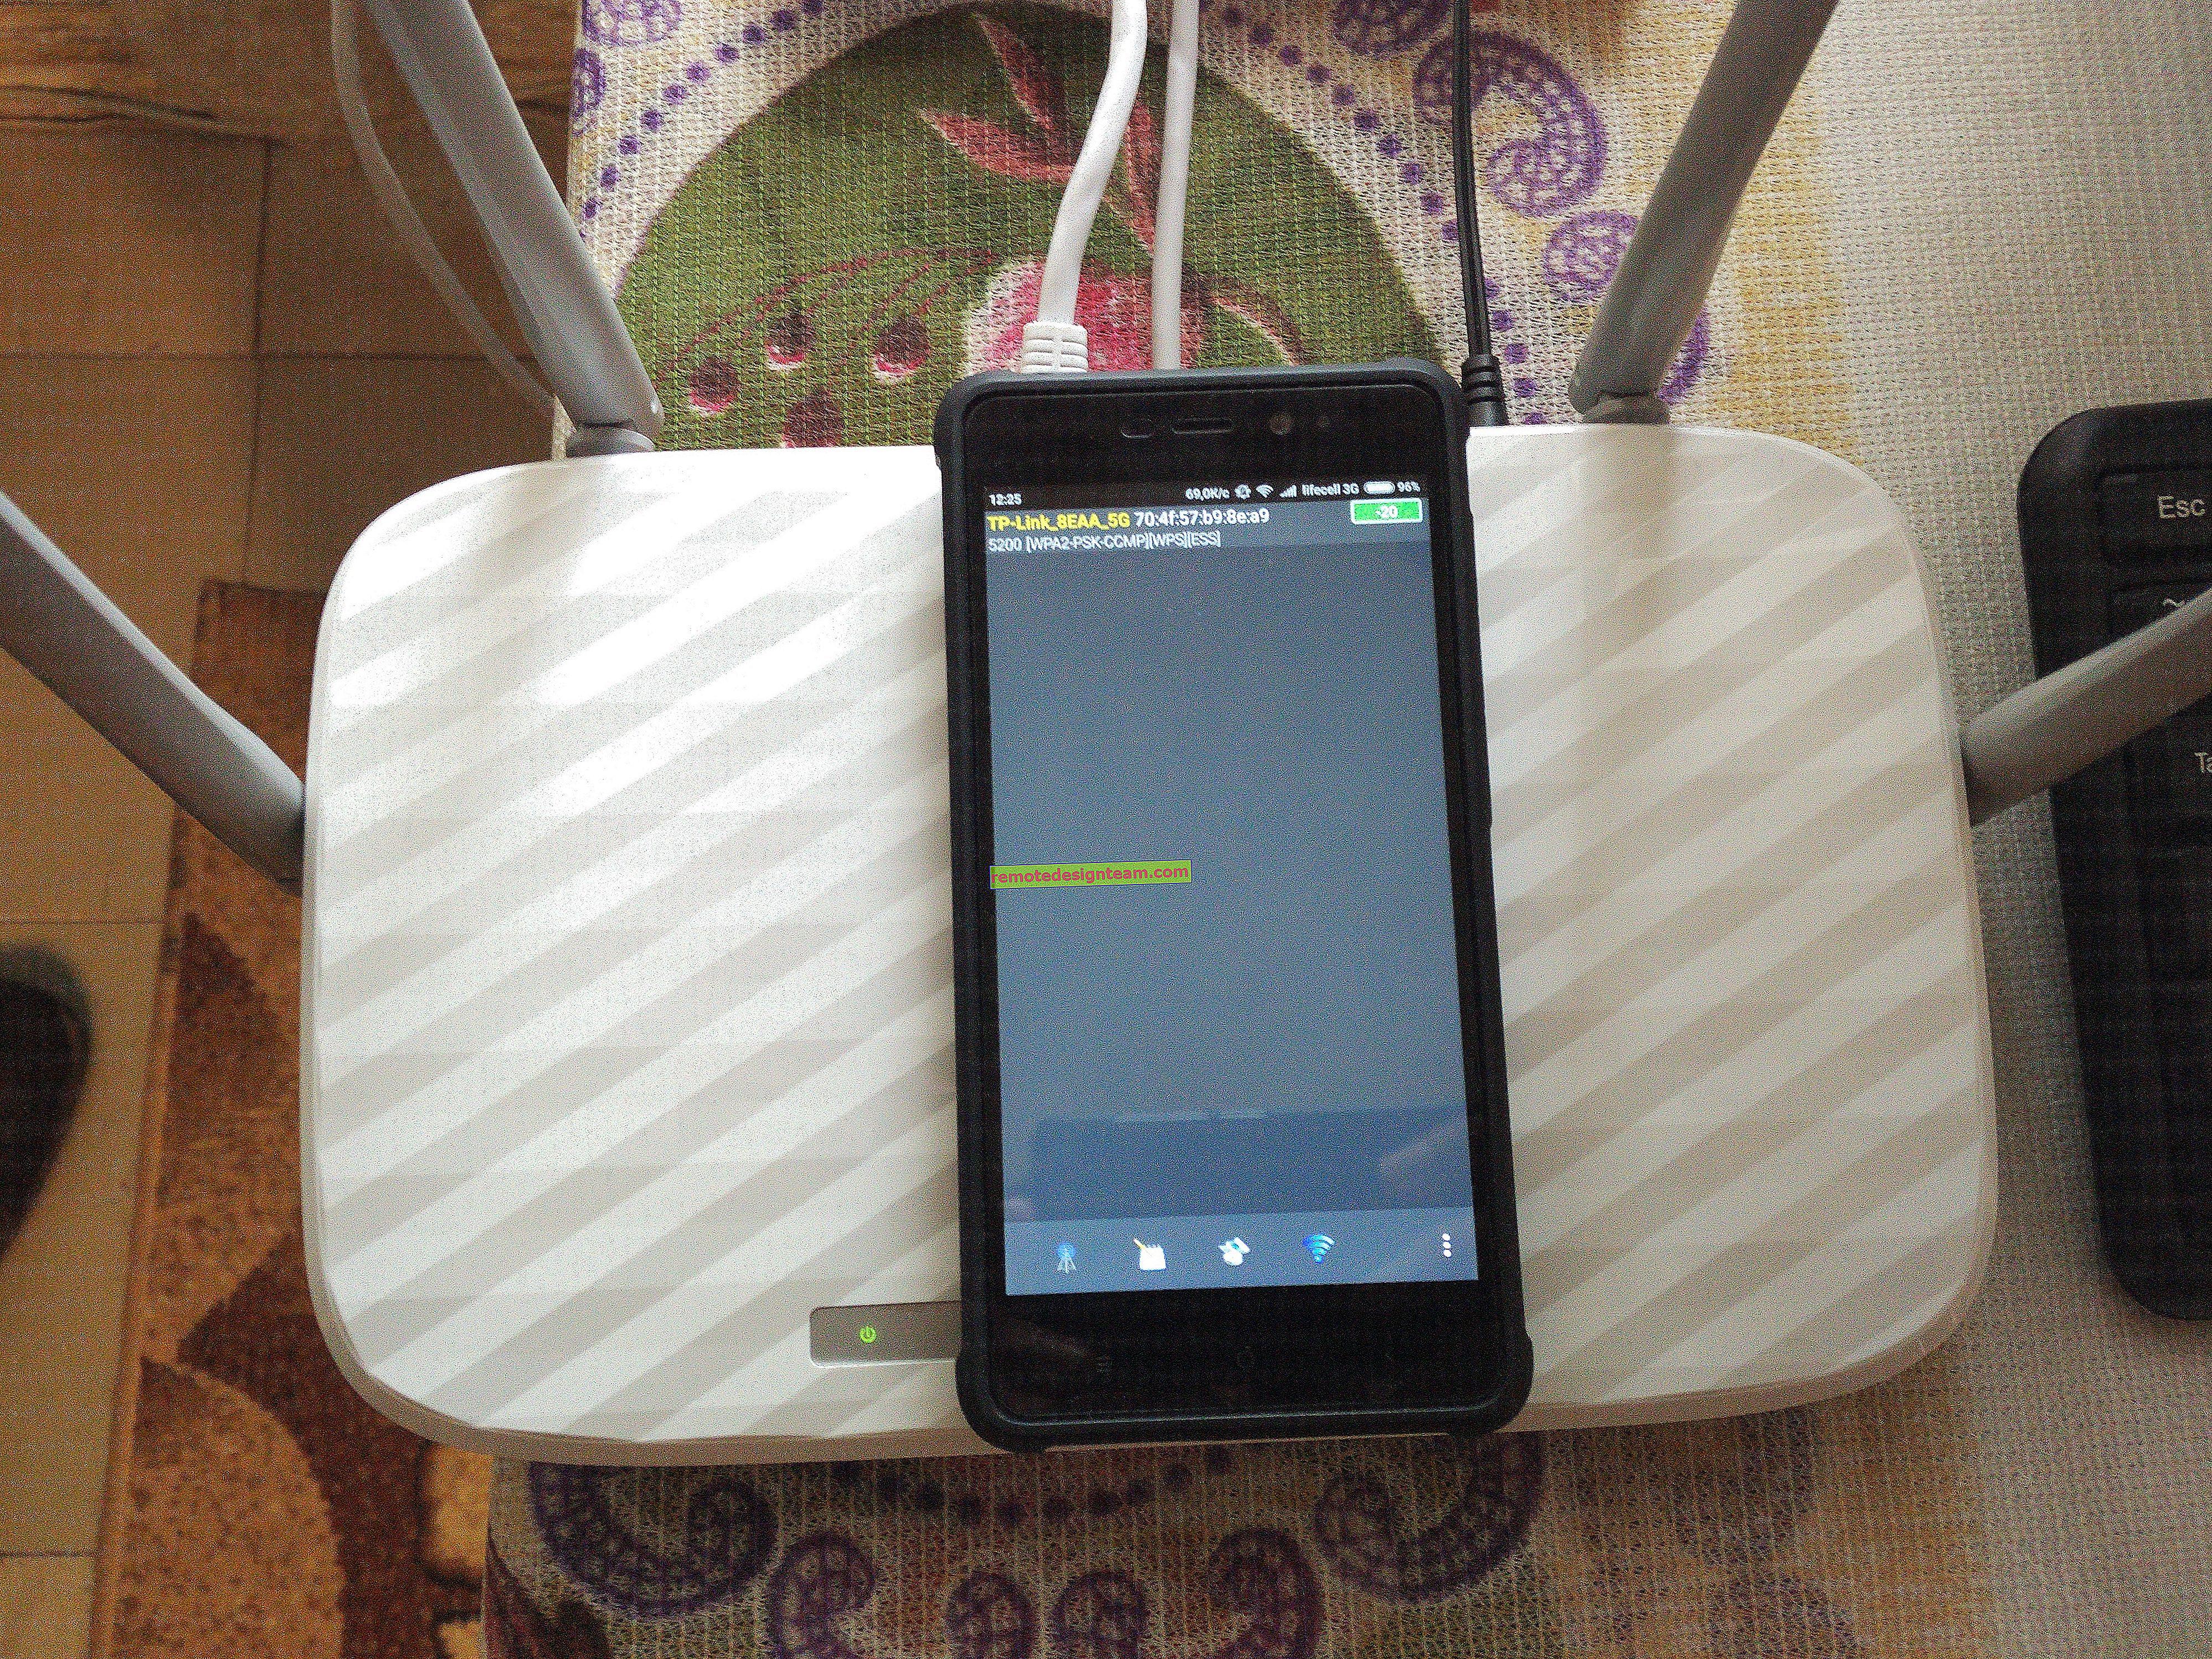 Cara menghadkan kelajuan internet pada penghala Wi-Fi TP-LINK